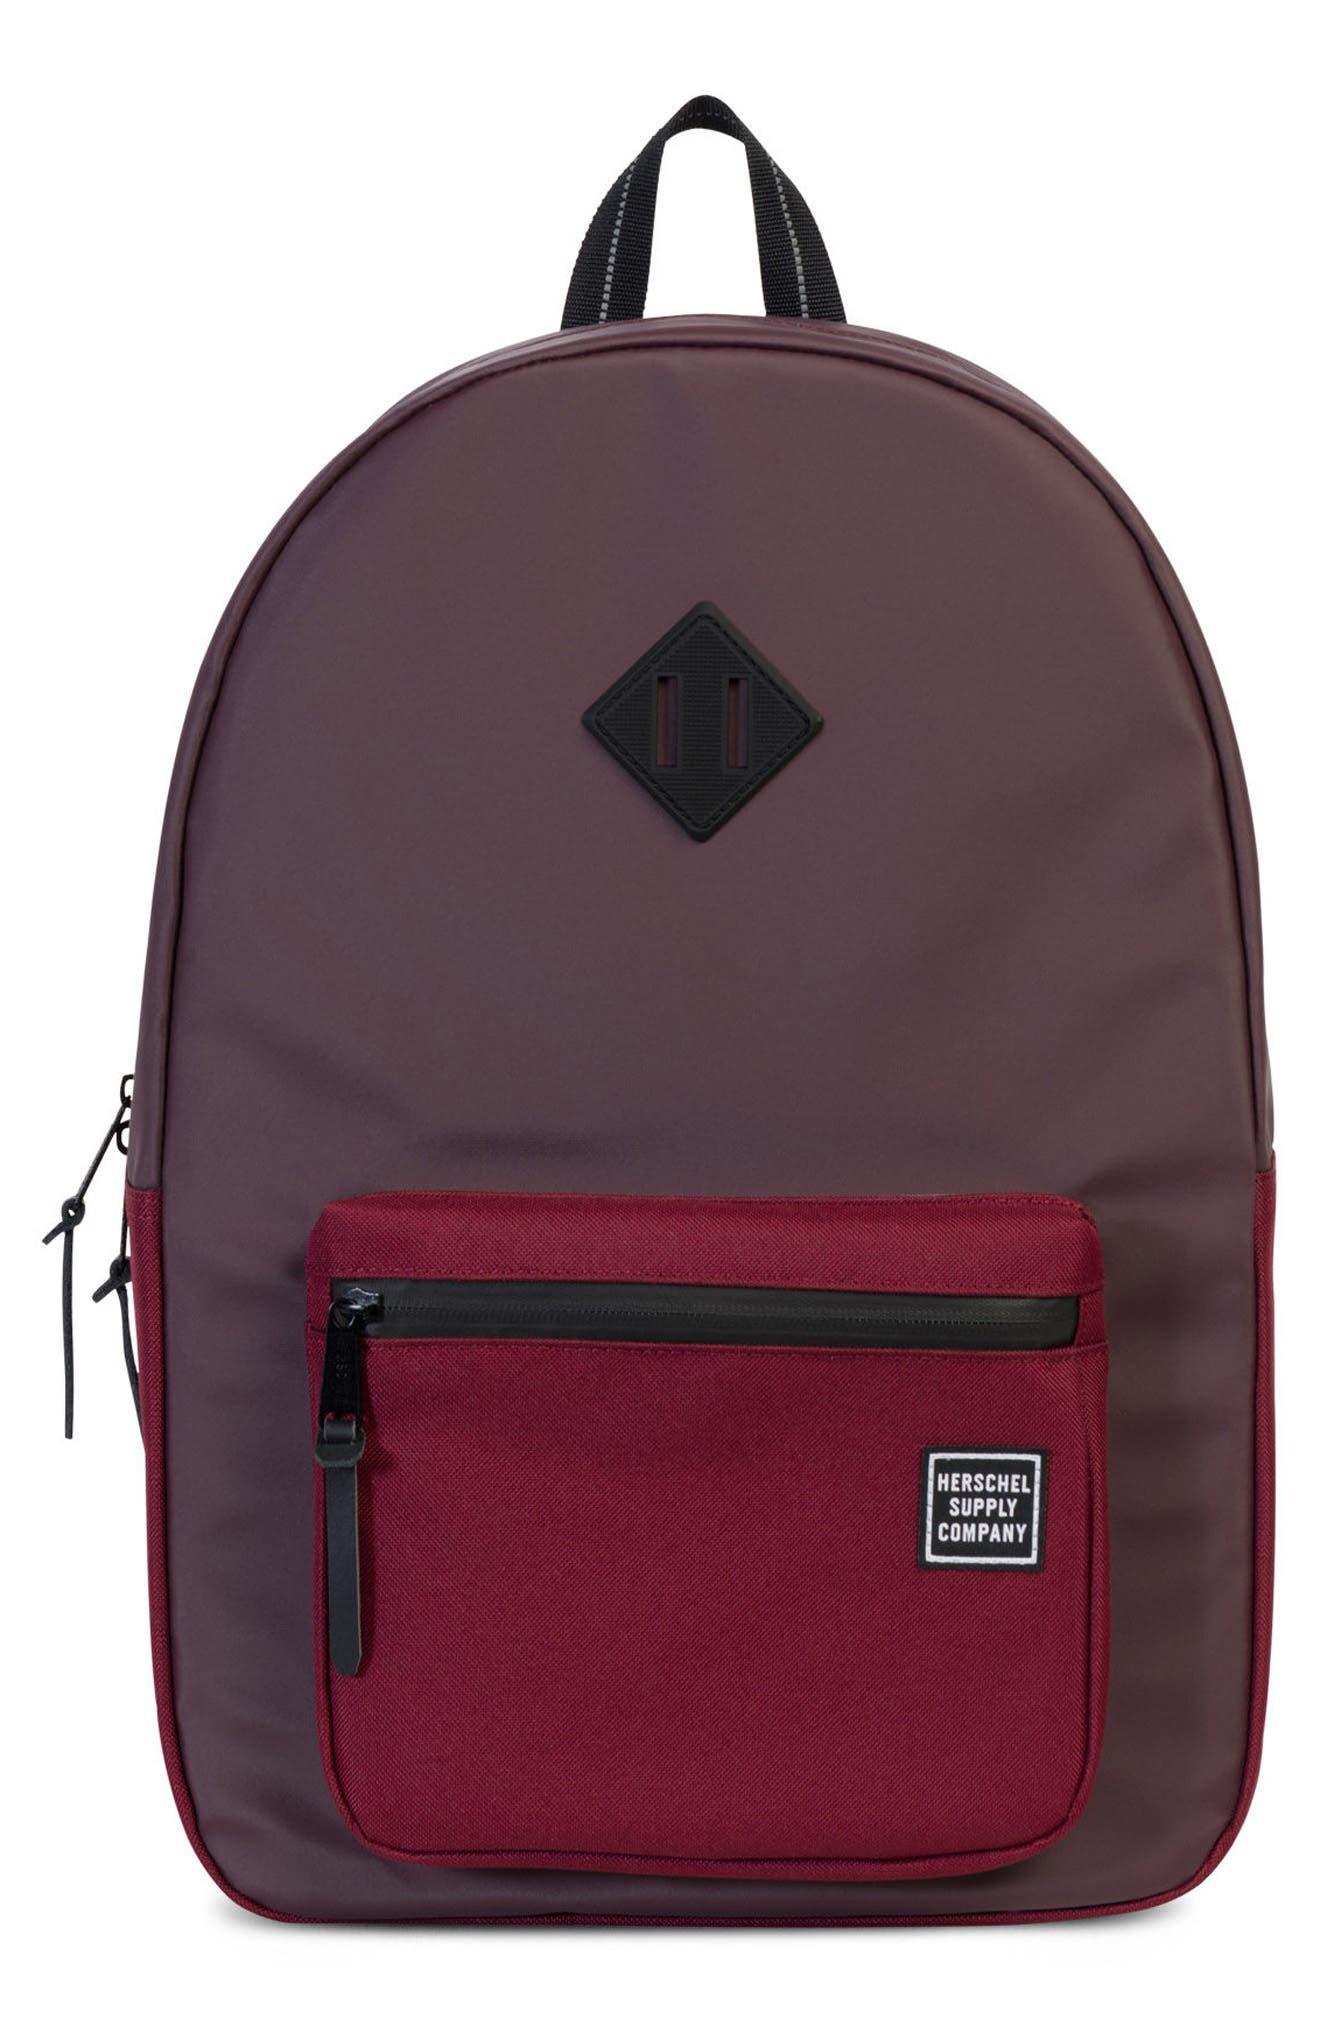 Herschel Supply Co. Ruskin Studio Collection Backpack